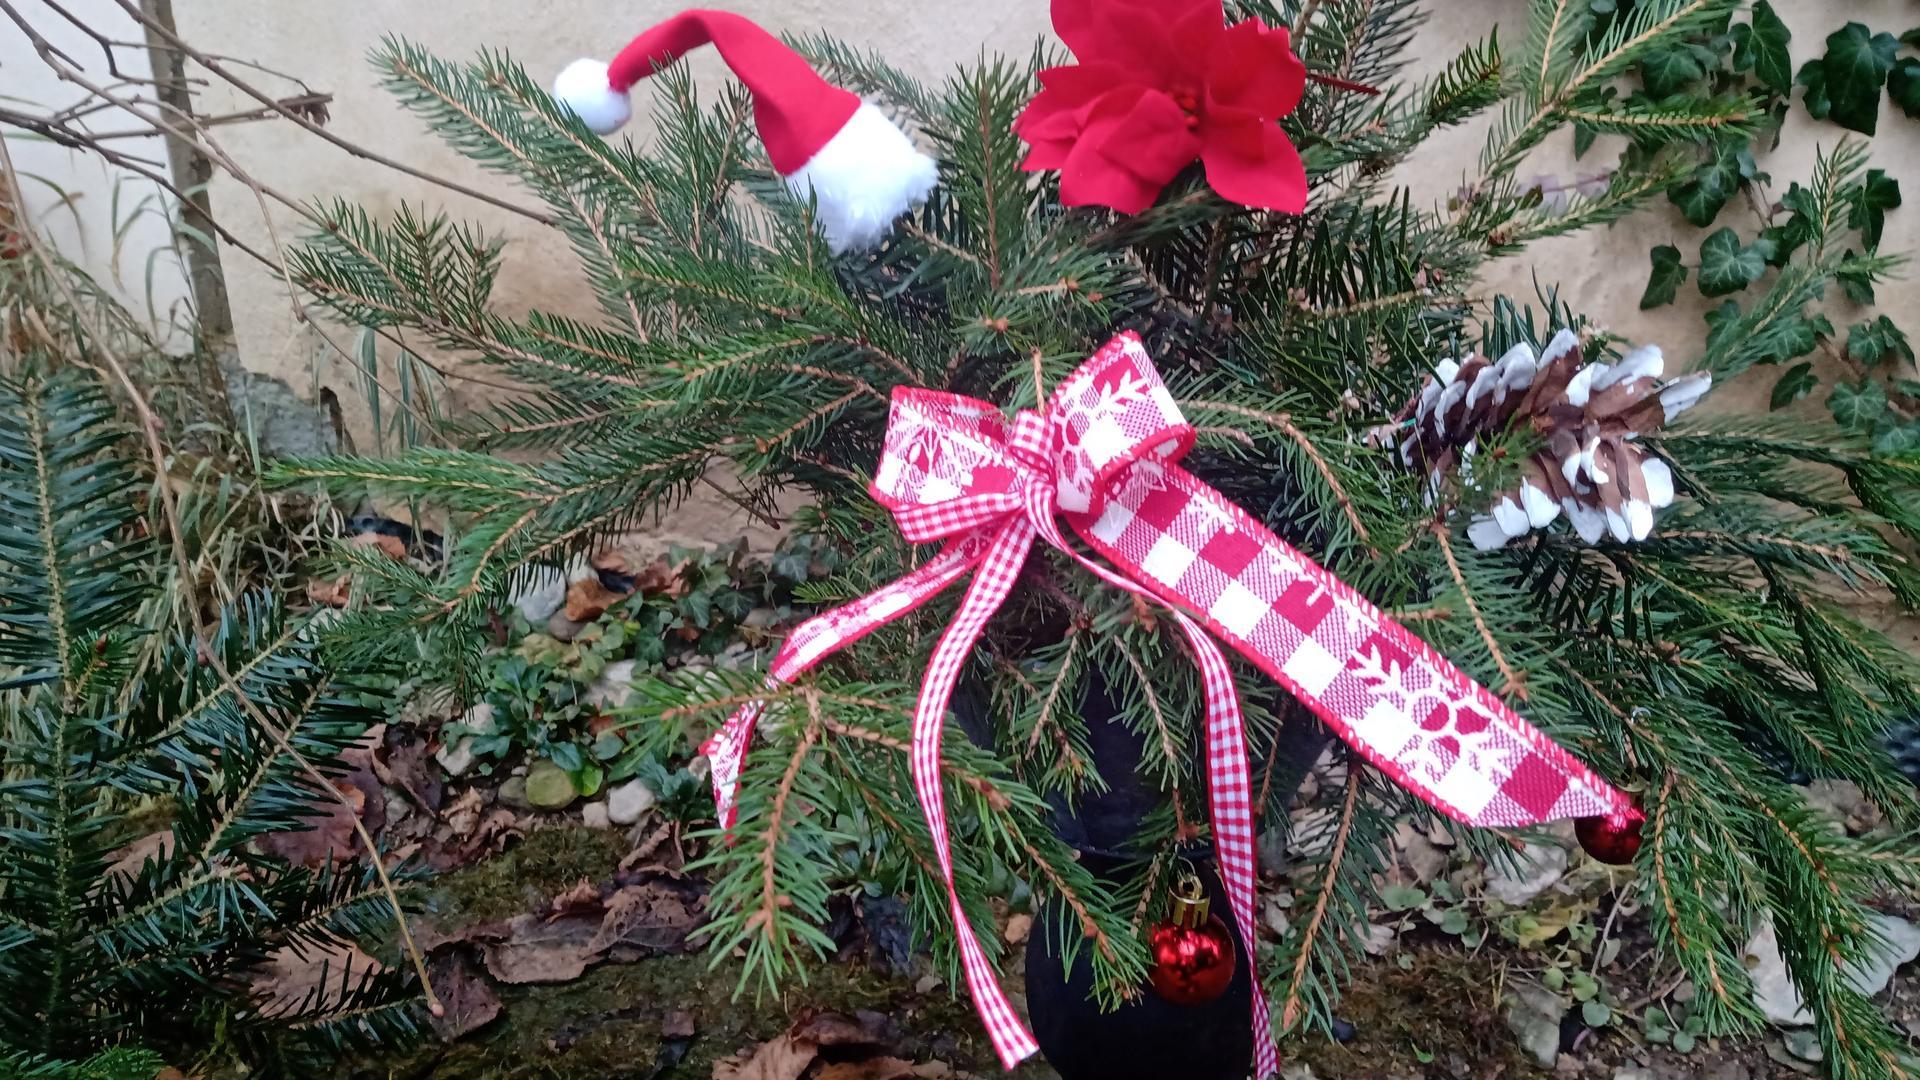 Vianocna vyzdoba a vianocne dekoracie 2020 - Obrázok č. 22